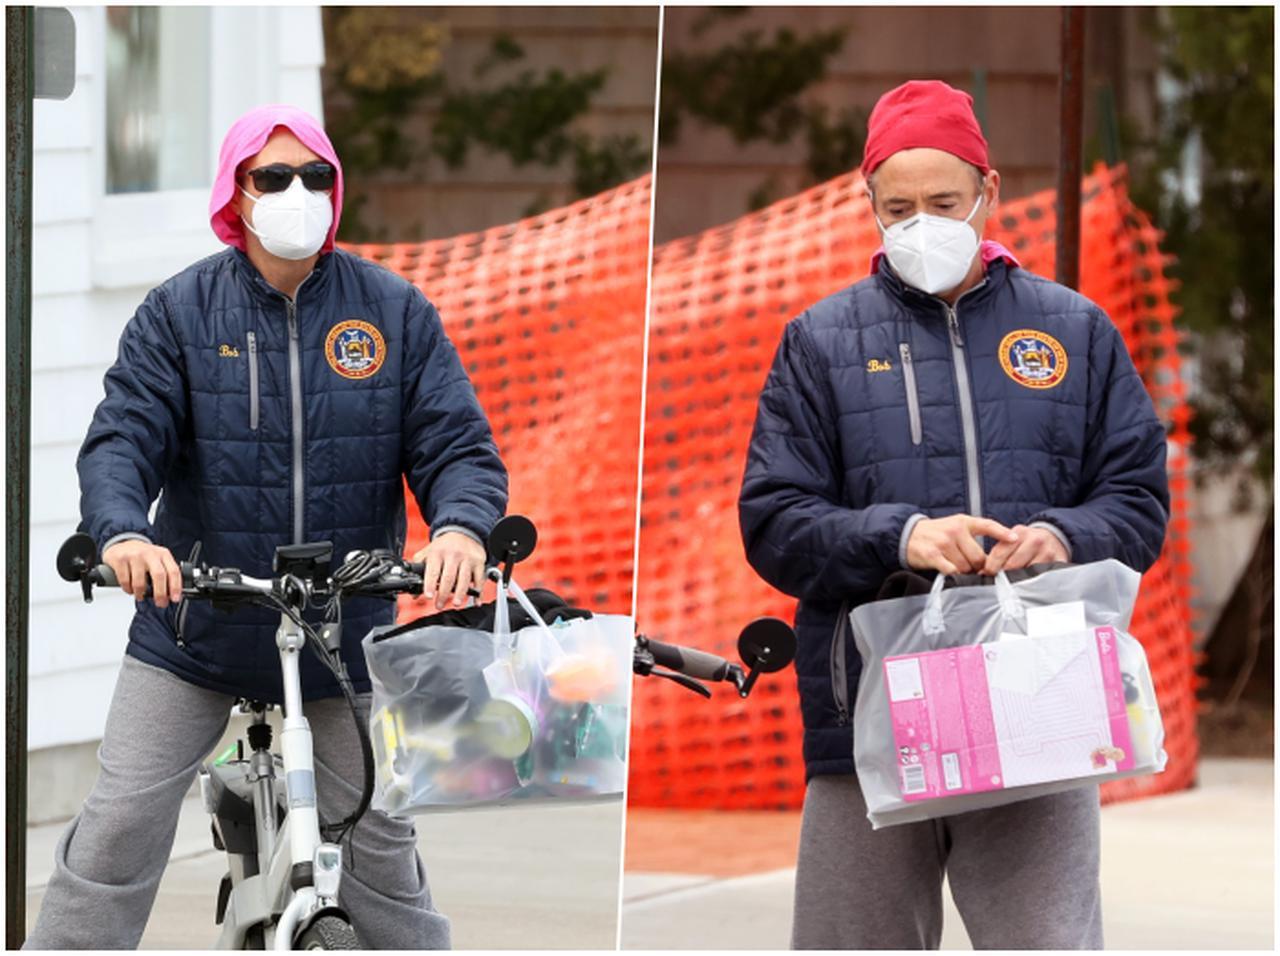 """画像: ロバート・""""バービー""""・Jr.!? アイアンマン役が自転車でバービー人形を買いにお出かけ - フロントロウ -海外セレブ情報を発信"""